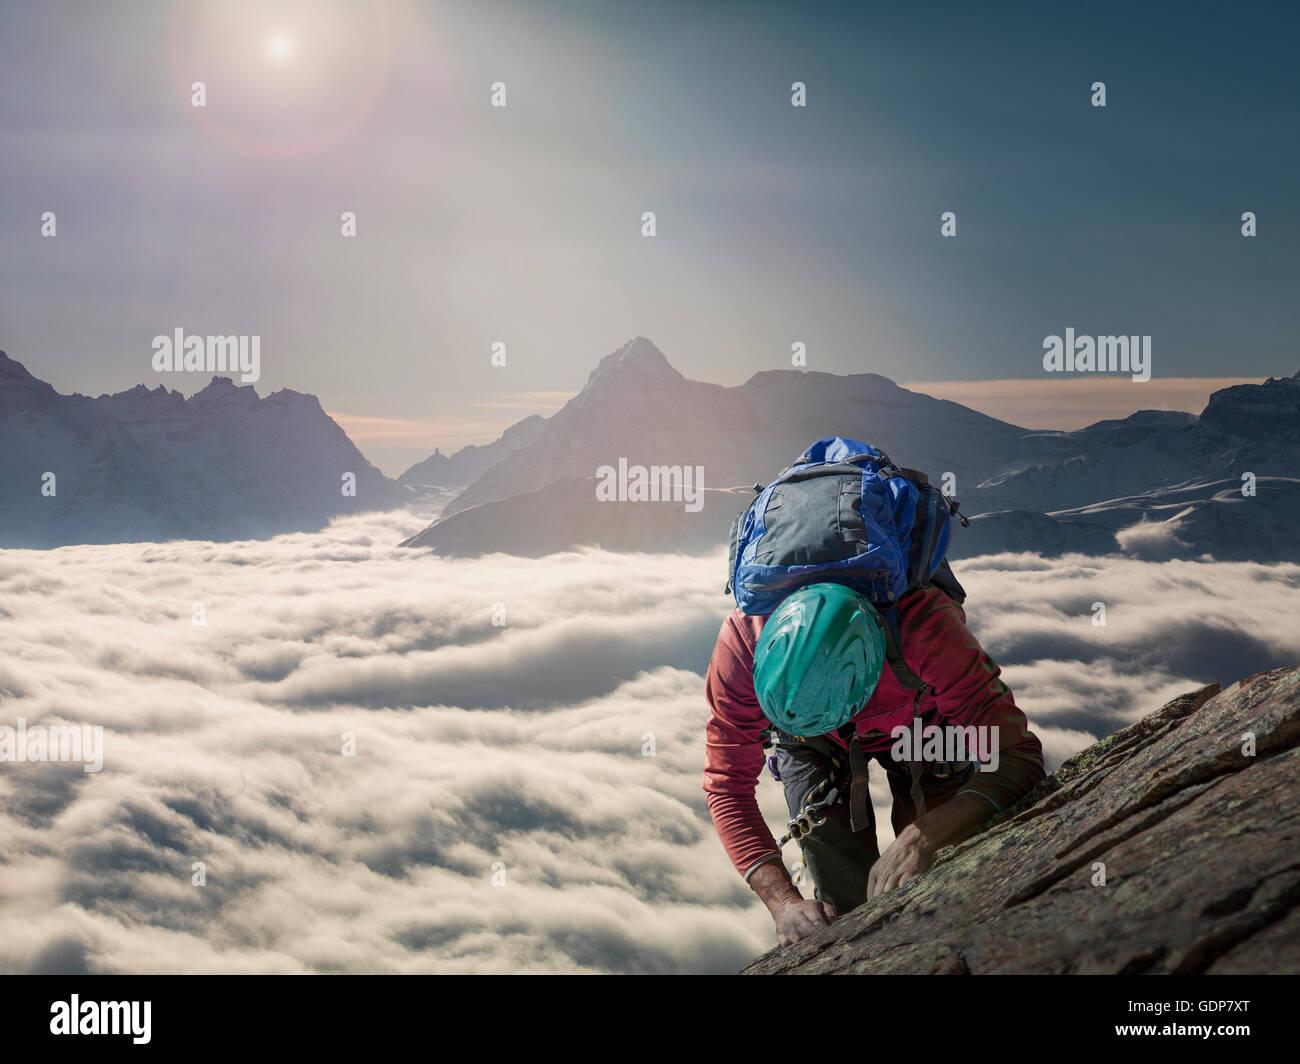 Grimpeur sur un mur rocheux au-dessus d'une mer de brume dans une vallée alpine, Alpes, Canton du Valais, Photo Stock